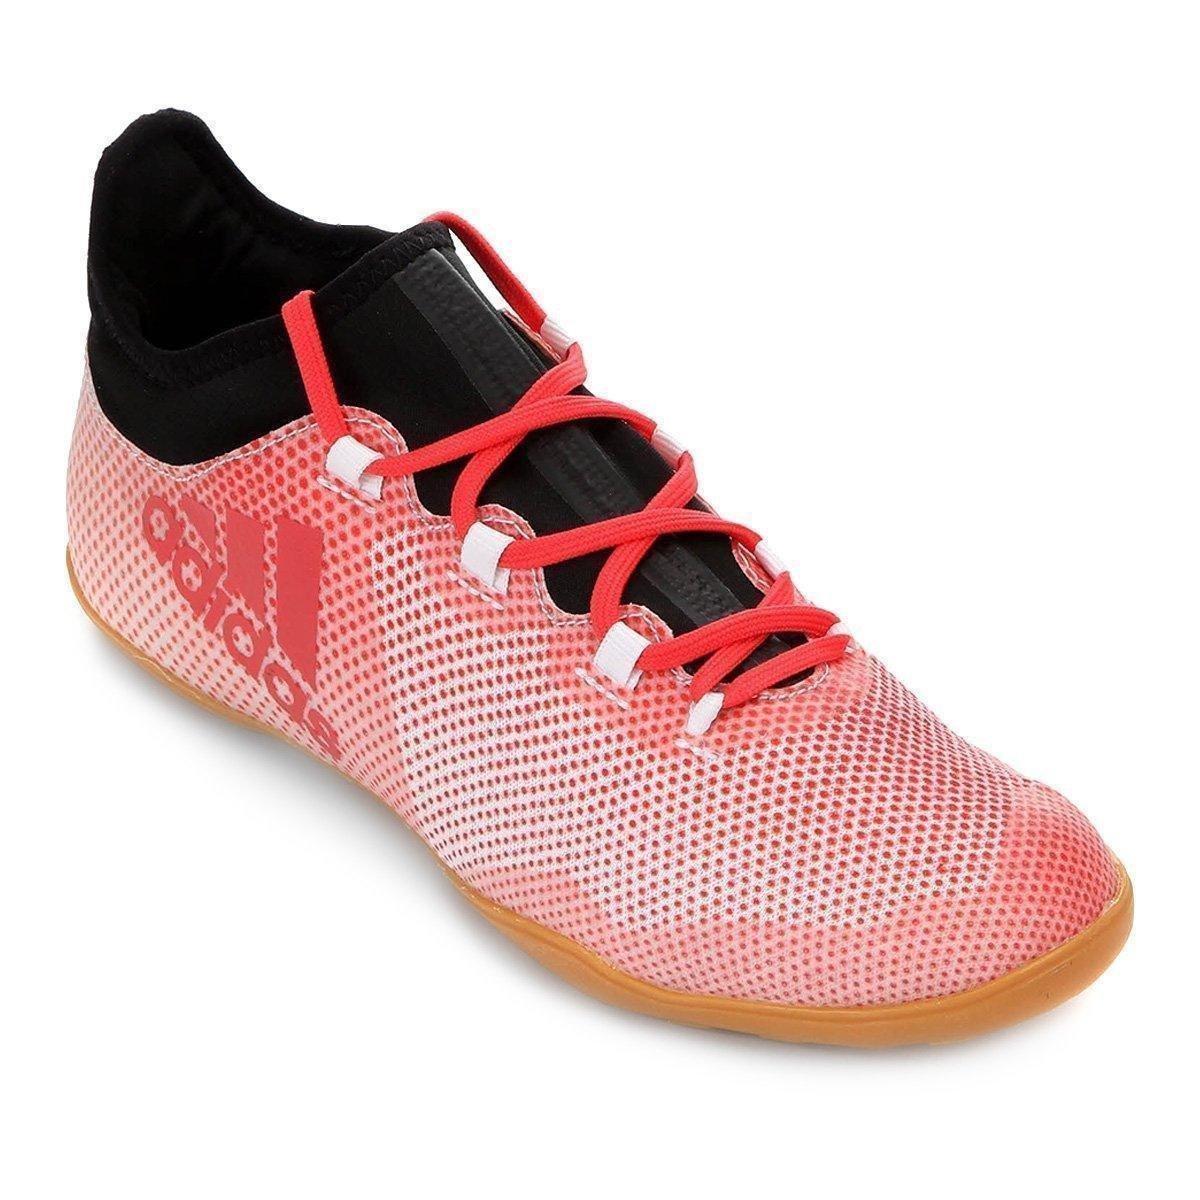 02d151eec99fb Chuteira Futsal Adidas X 17.3 IN - Branco - Compre Agora